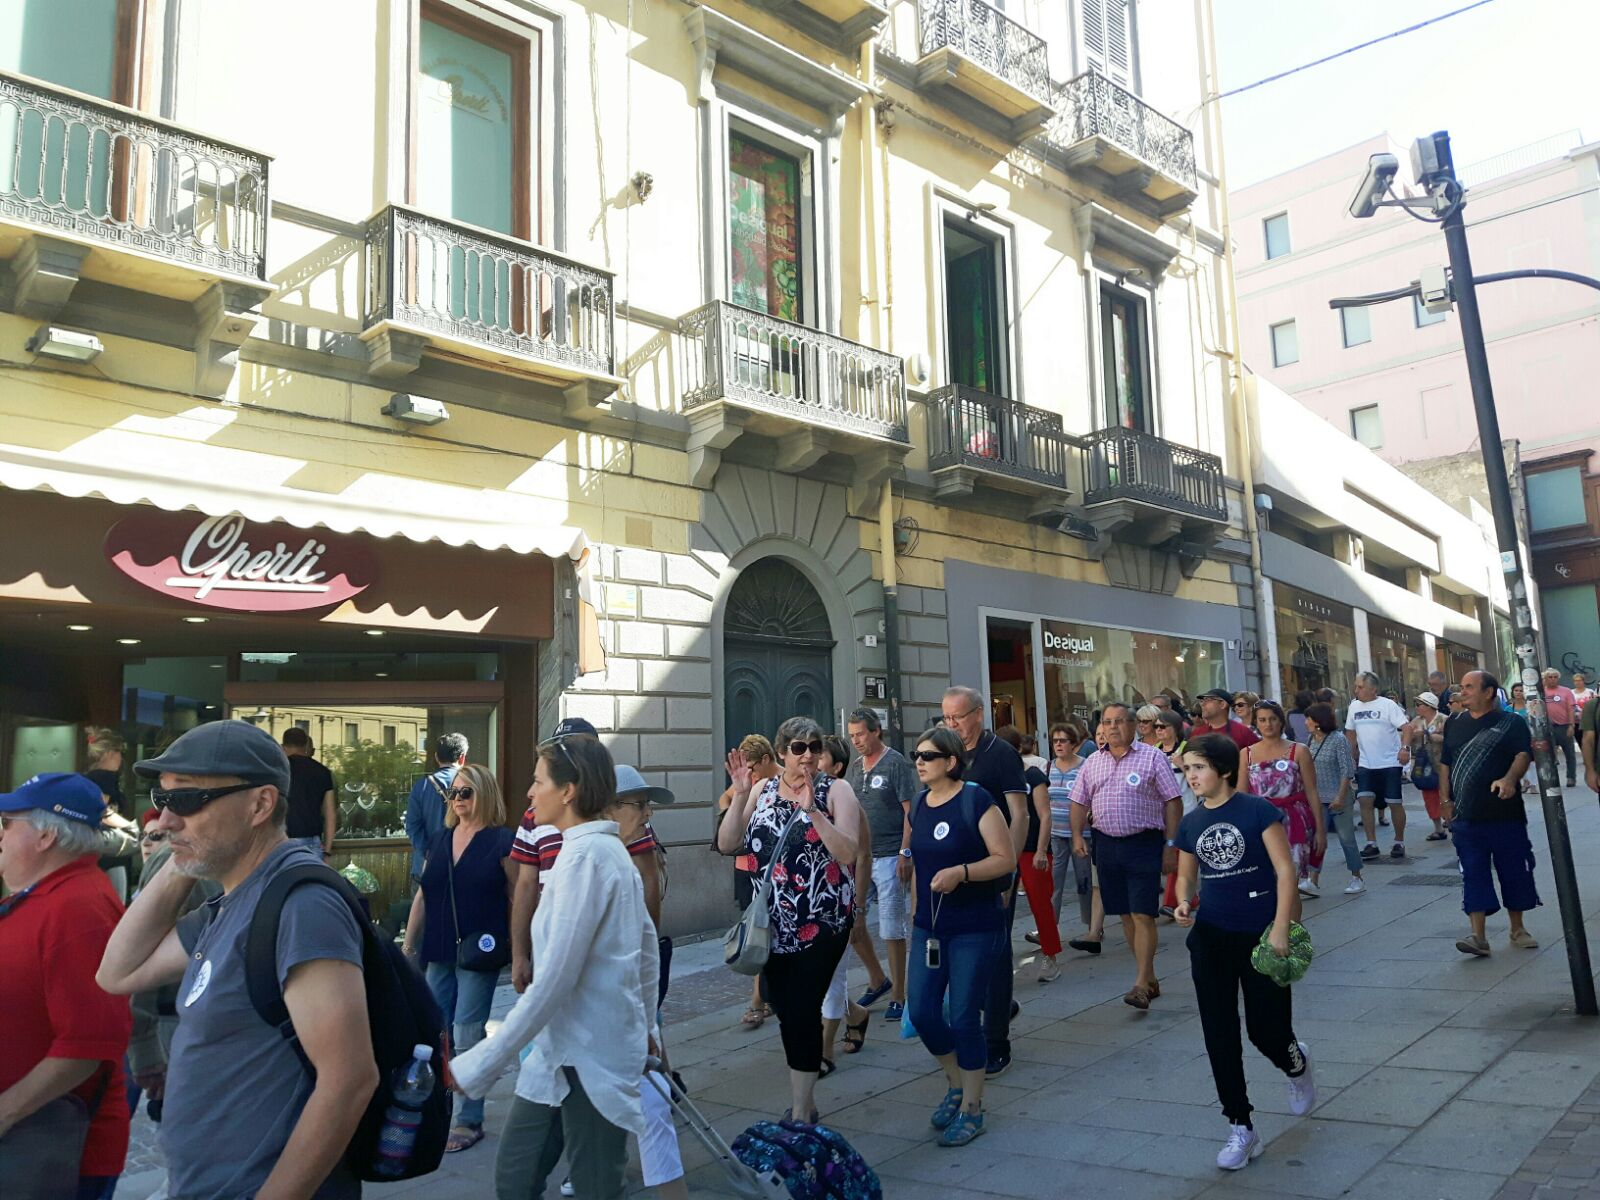 Ufficio Passaporti Questura Di Cagliari : Questura di cagliari nuove nomine per commissariato di quartu